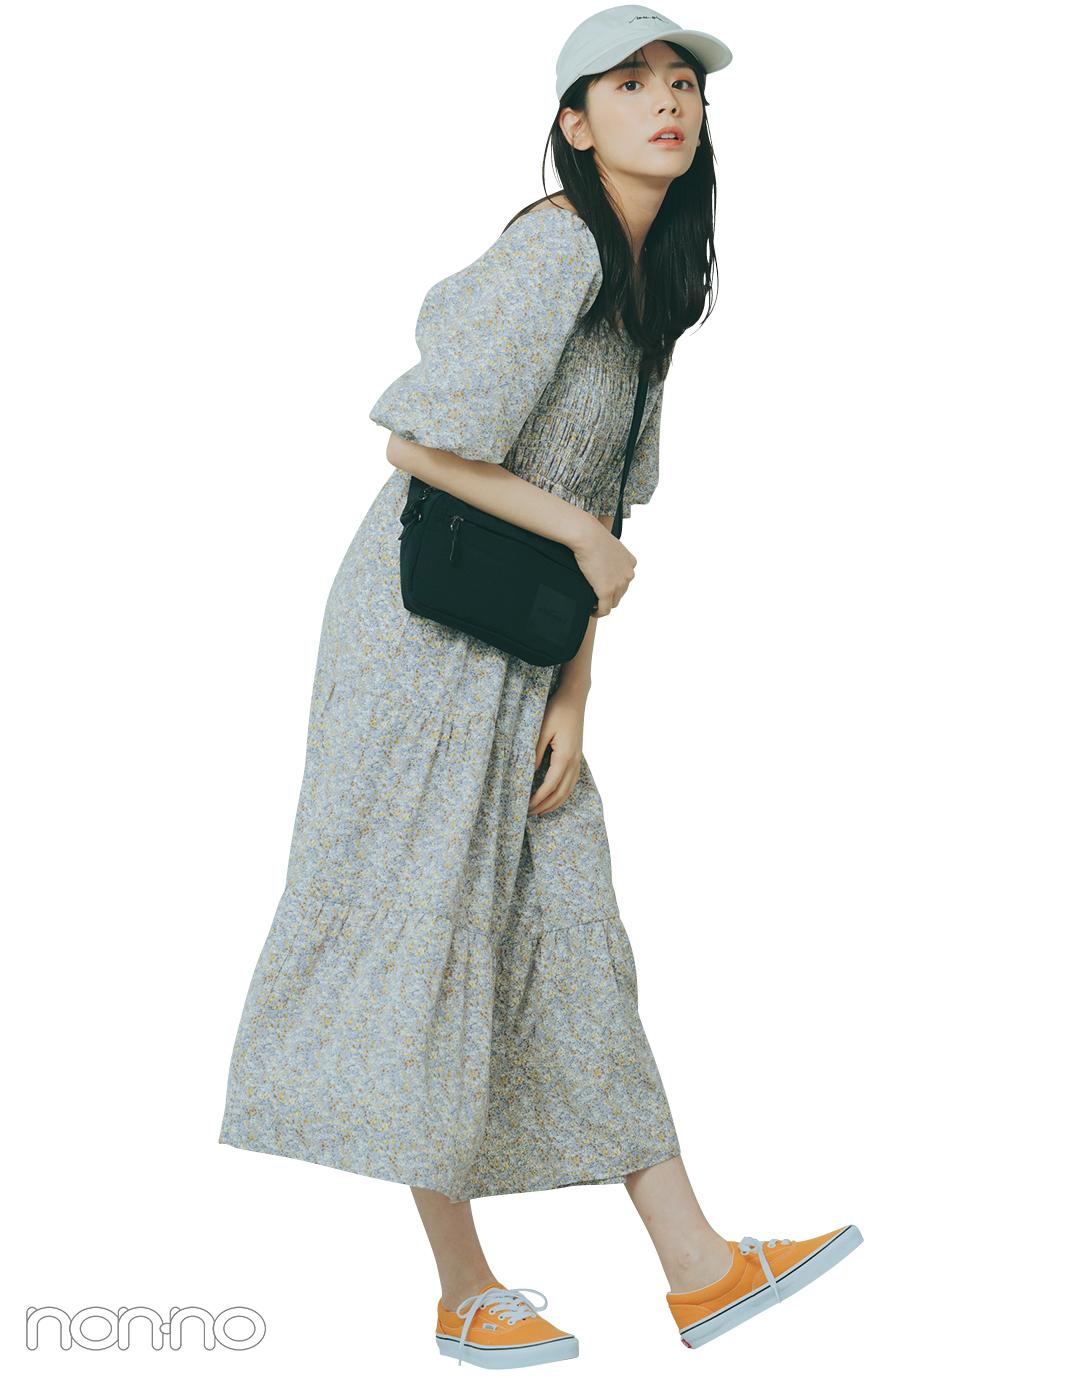 『貴島明日香』の『パフスリーブワンピ』モデルカット6−1